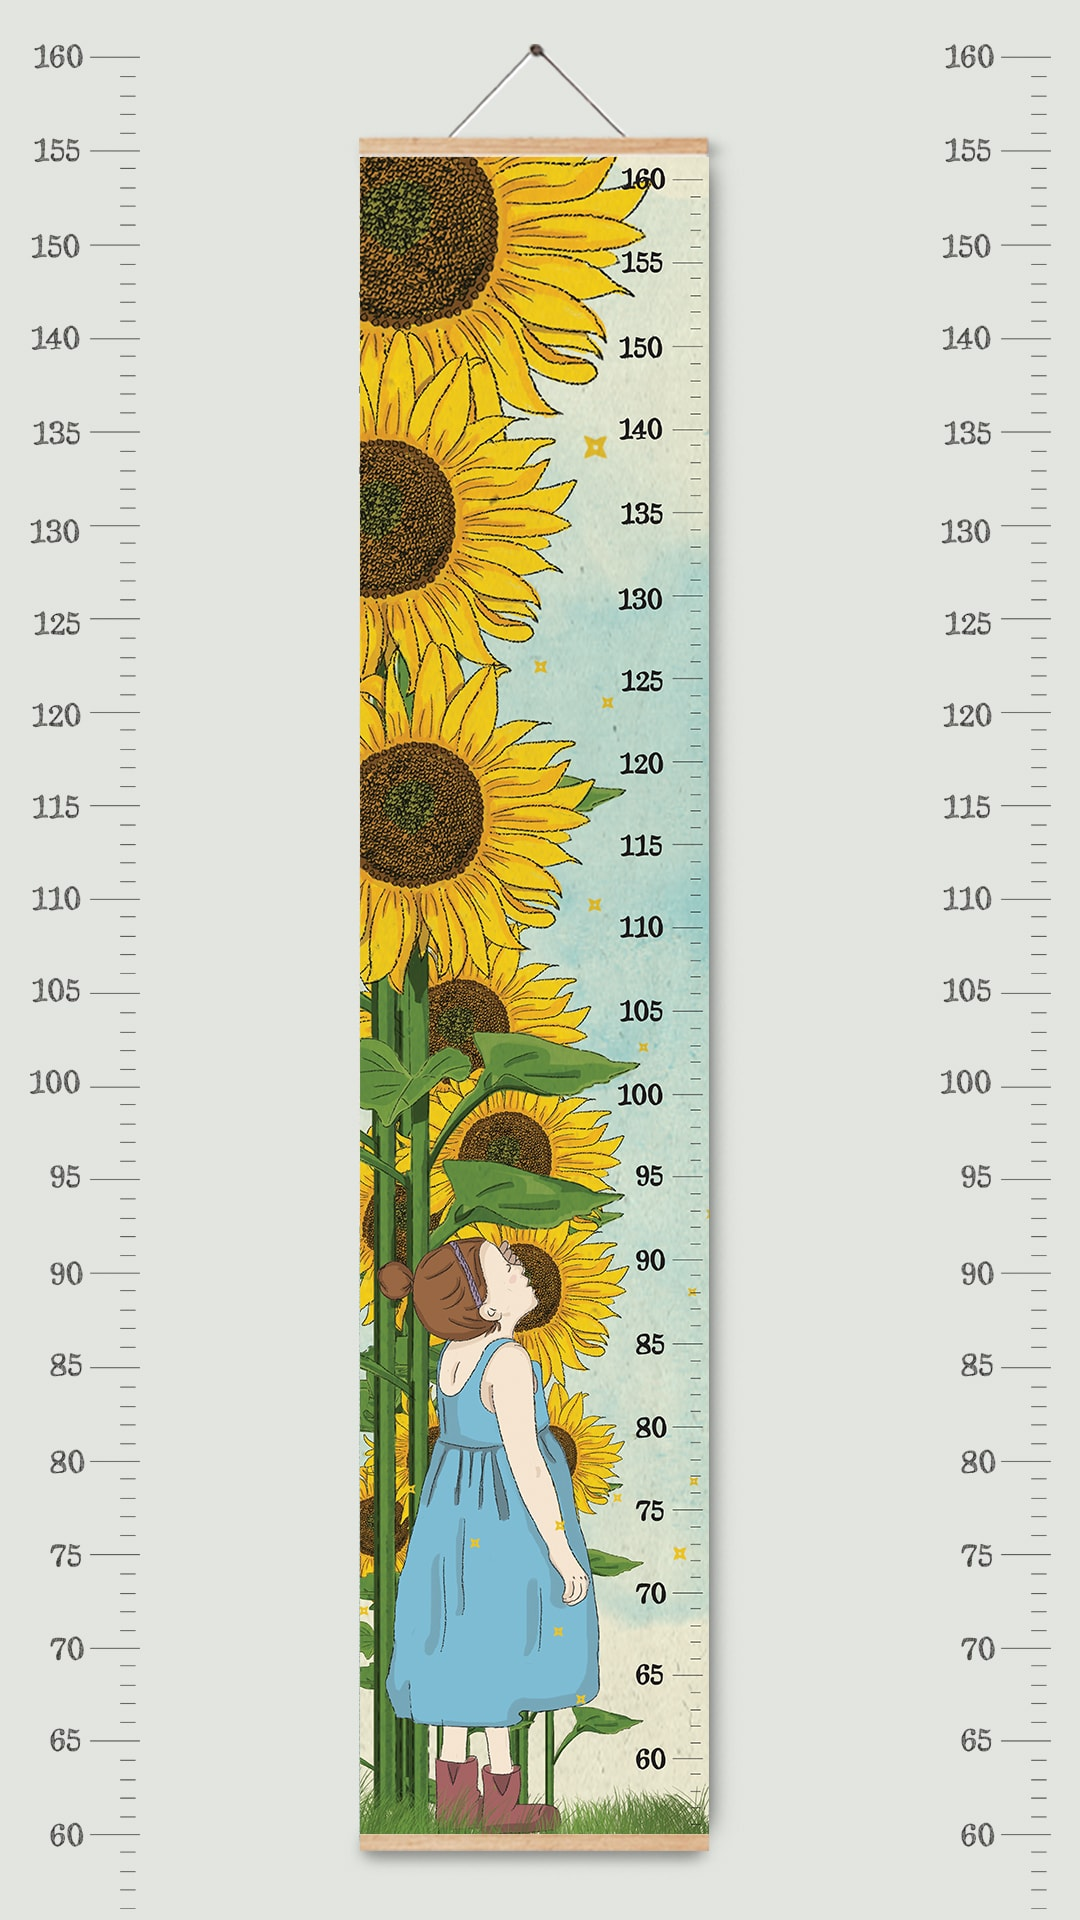 מד גובה לילדים קננואס חמניות